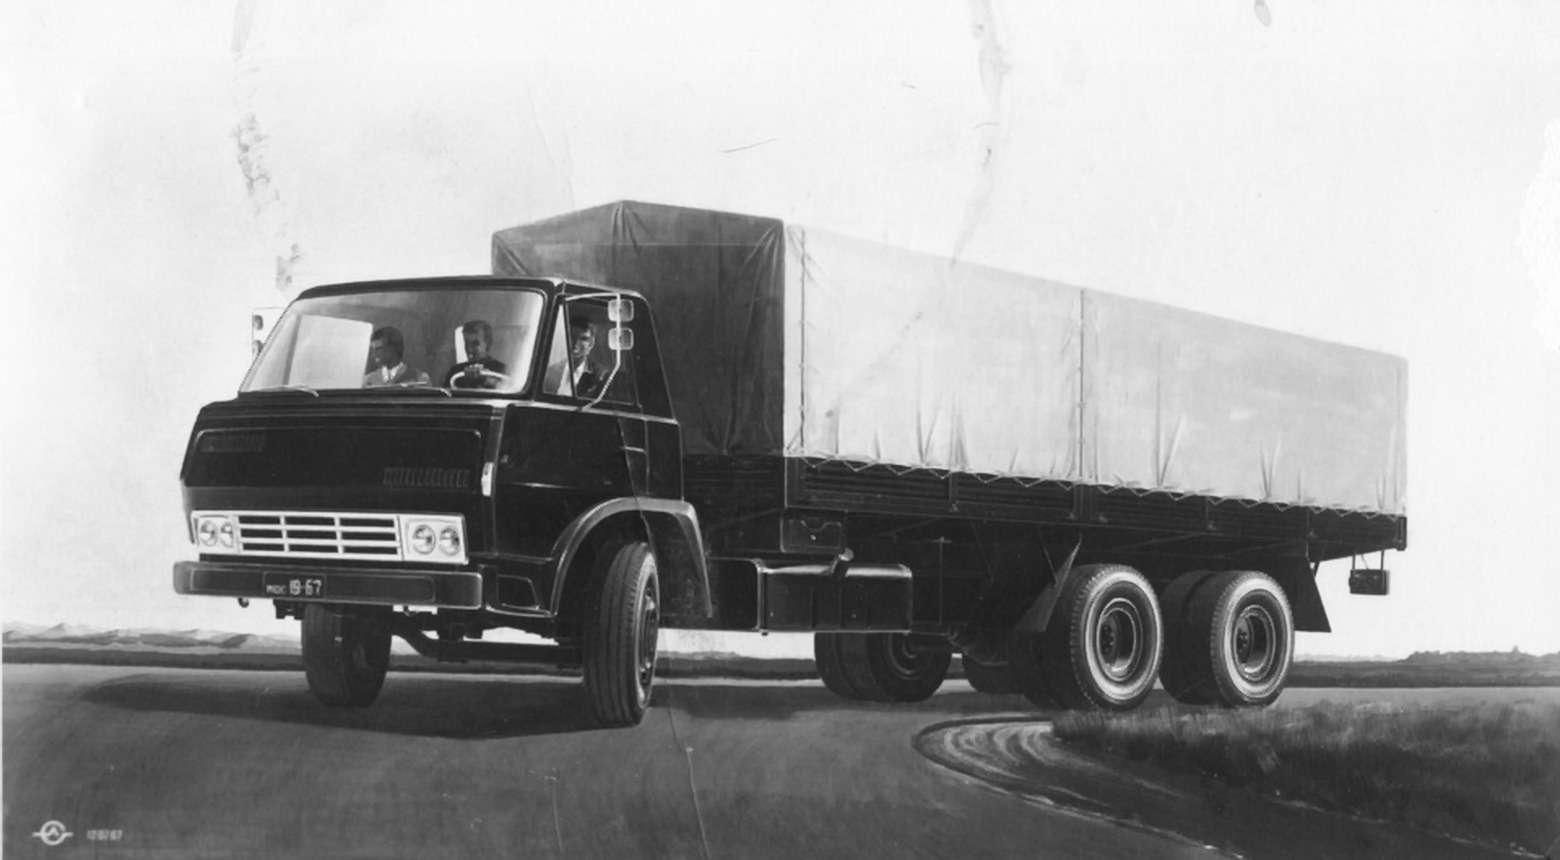 Эскиз грузовика ЗиЛ-170 Льва Самохина, 1969г. Взято ссайта rusautomobile.livejournal.com